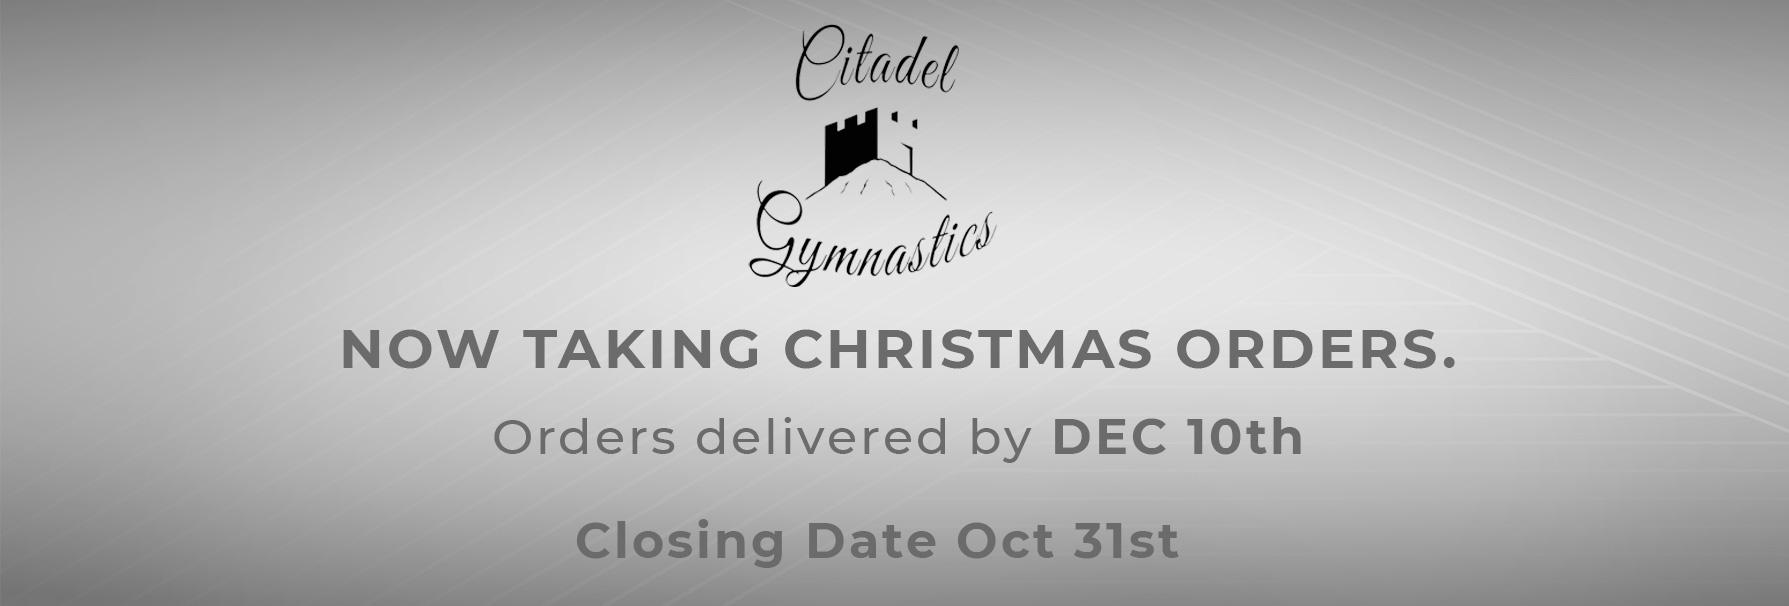 Citadel Gymnastics